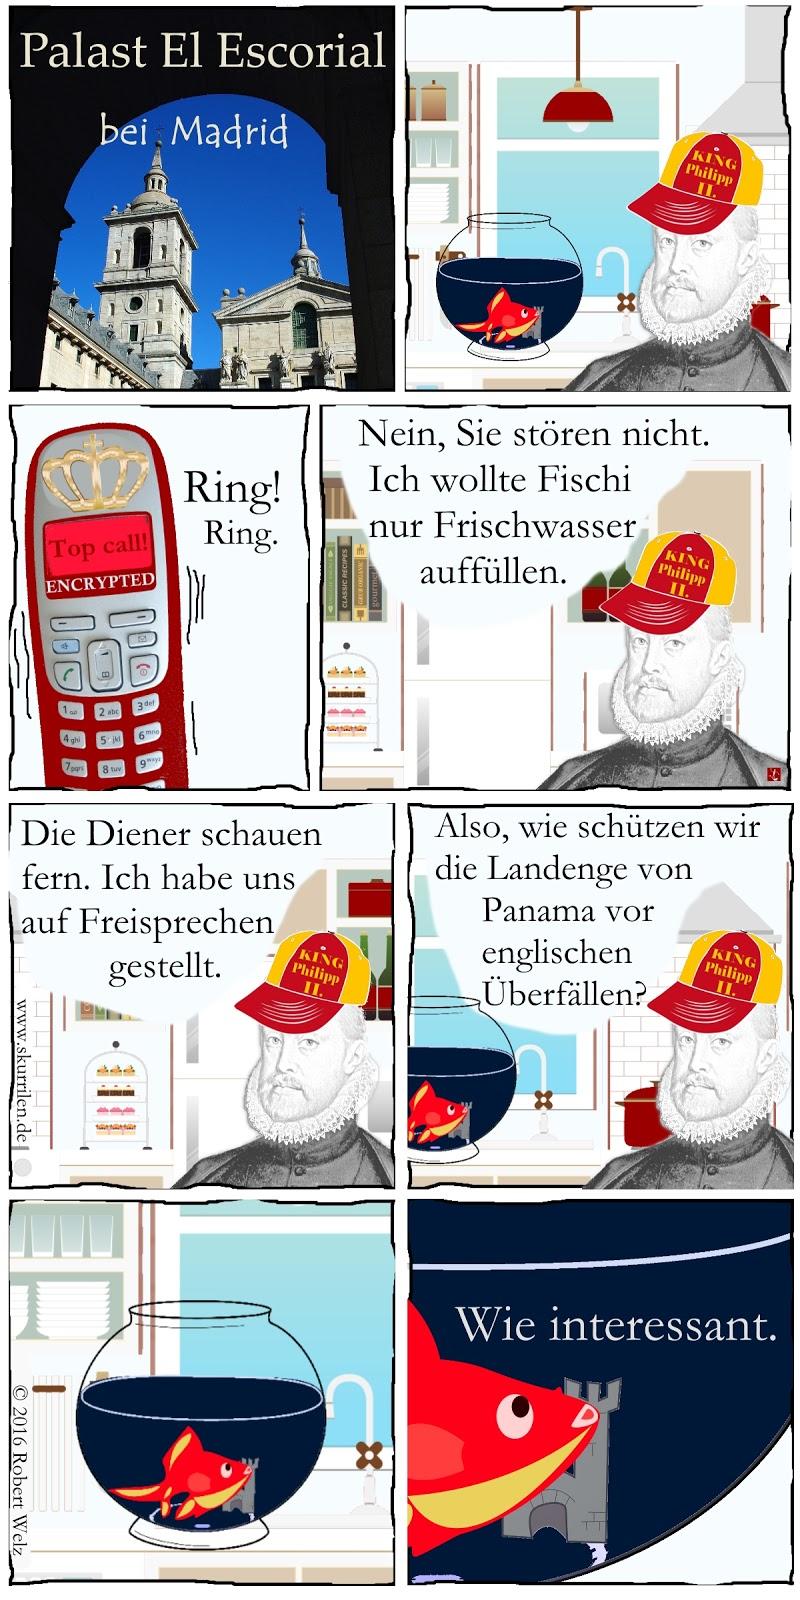 Comedy mit geschichtlichem Hintergrund. Ein geheimes Gespräch auf einem Telefon mit Verschlüsselungs-Software zu führen, ist sinnvoll. Doch König Philipp II von Spanien nutzt die Freisprech-Funktion. Erfährt nun ein Spion alles über die Verteidigung von Panama?